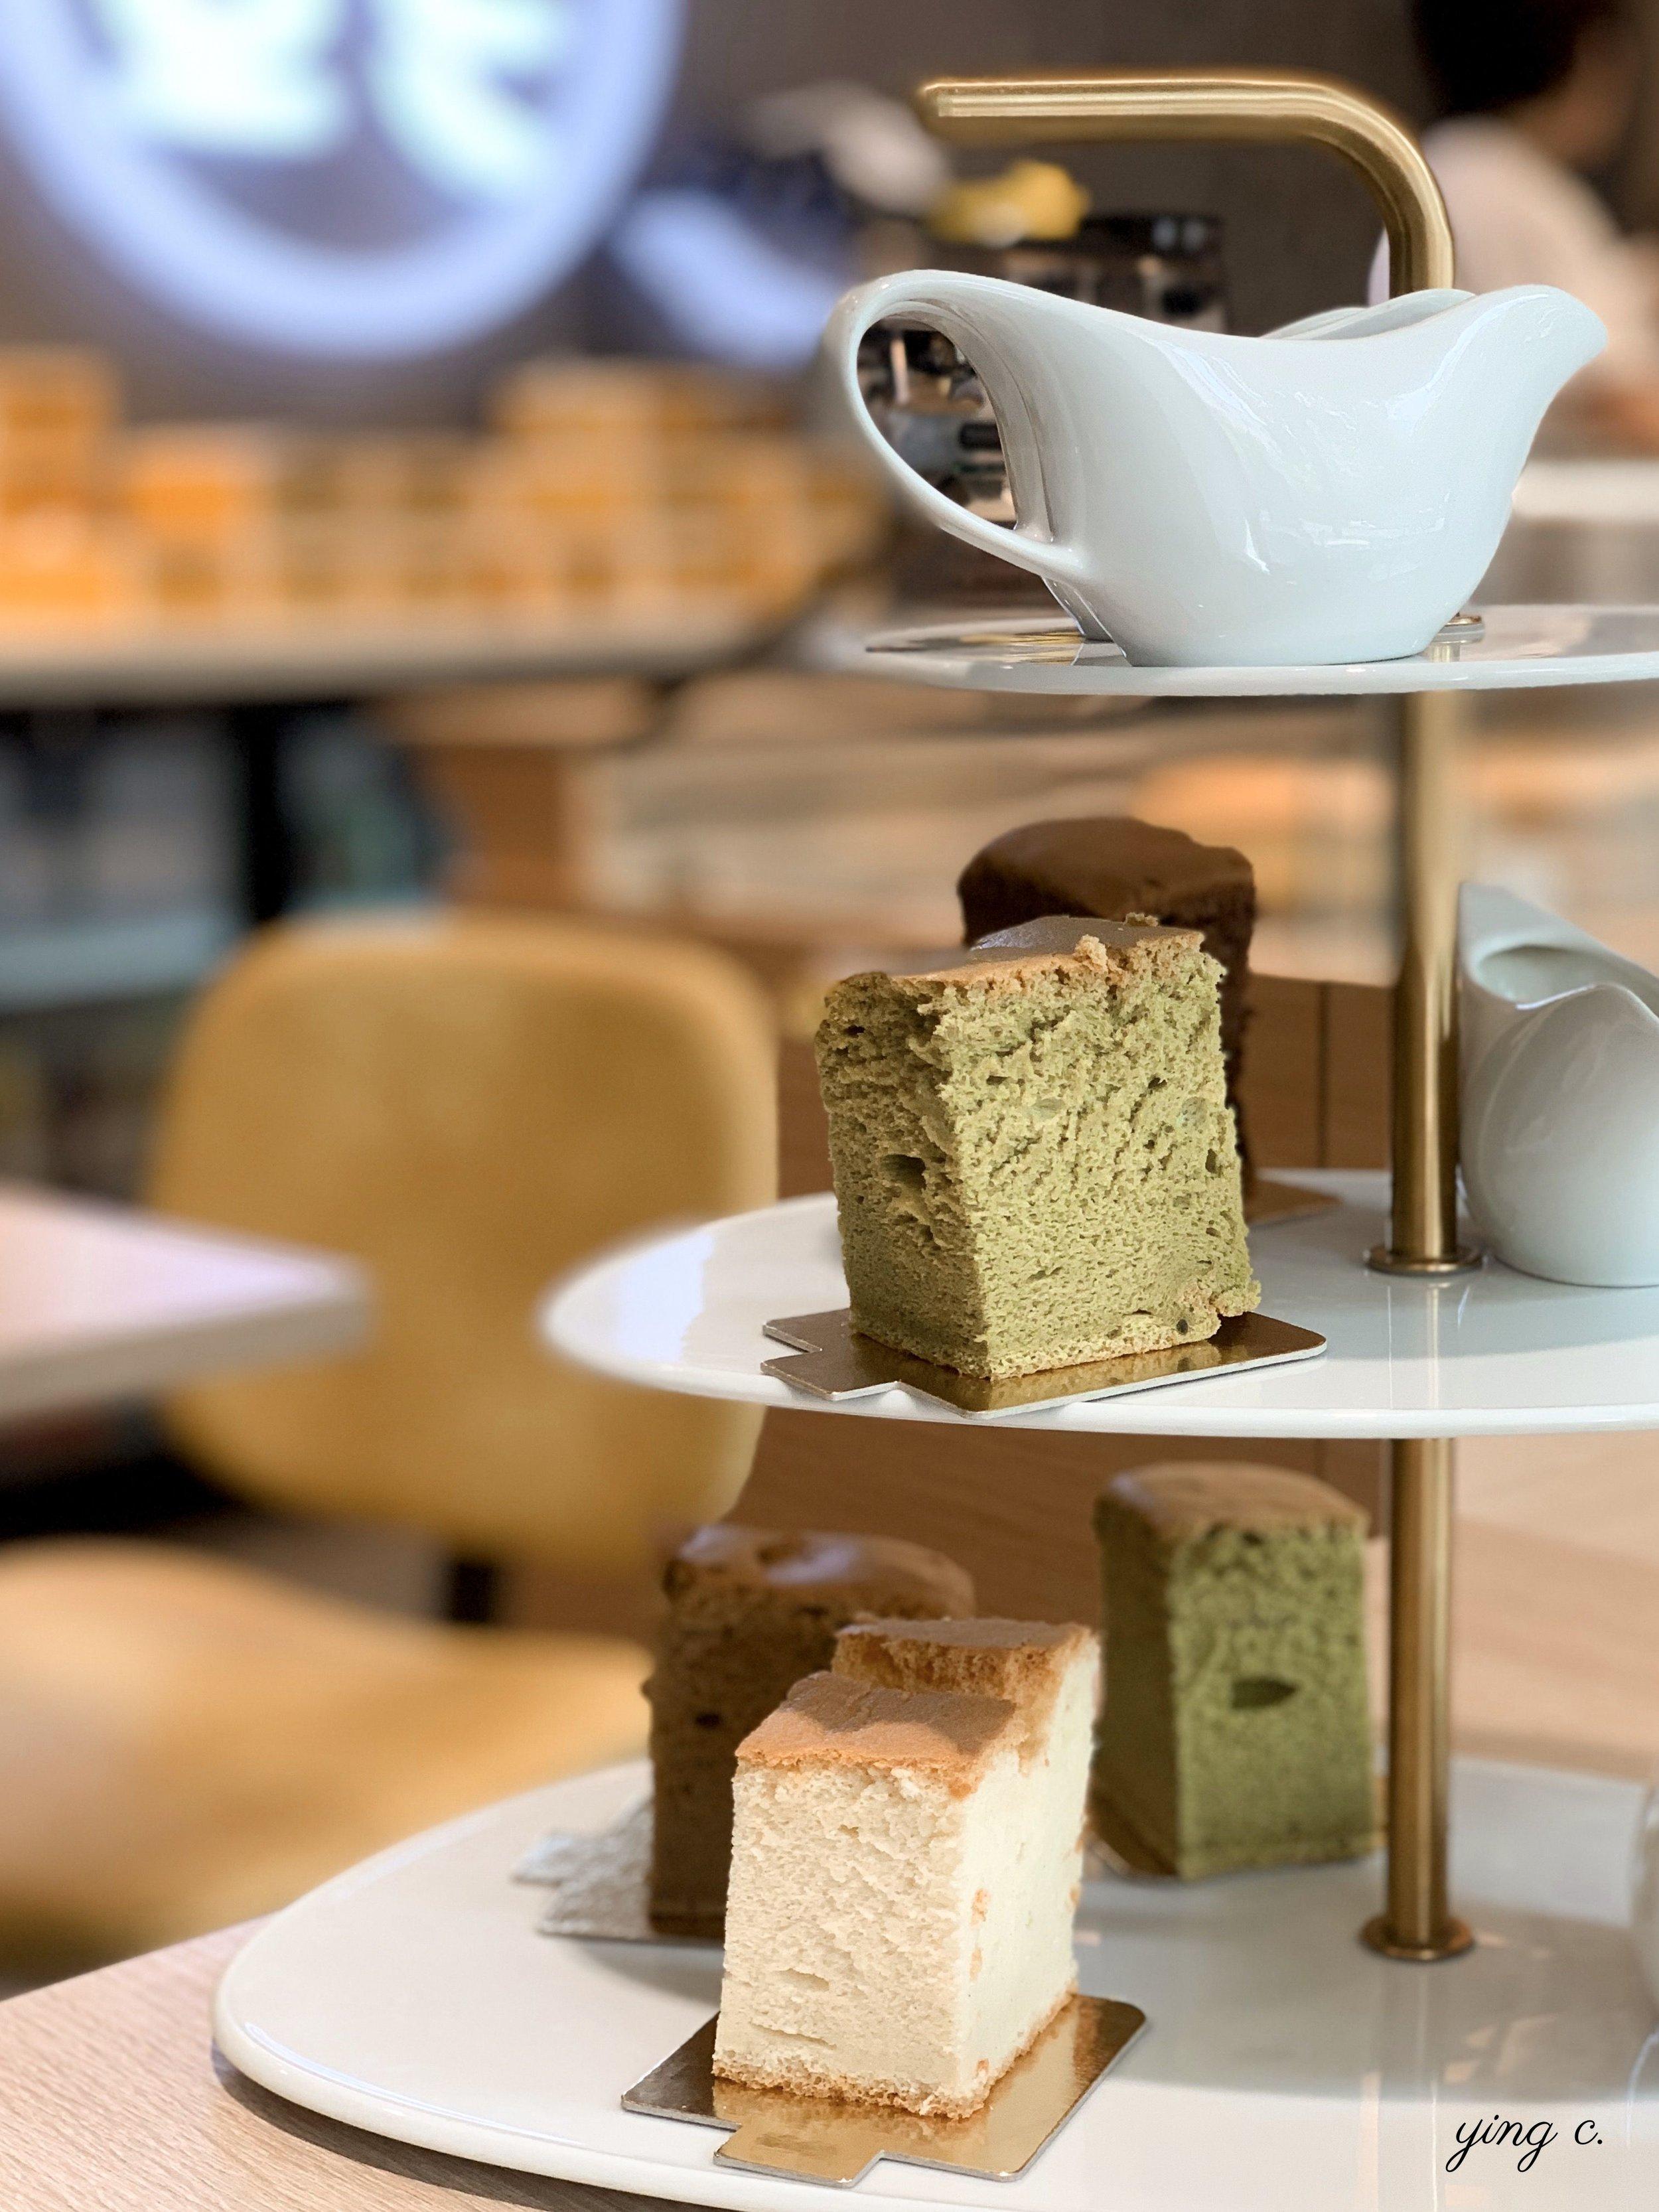 Fu Castella 下午茶時間的雙人套餐可以選擇五種口味的迷你蛋糕,加上兩杯飲料共16€。